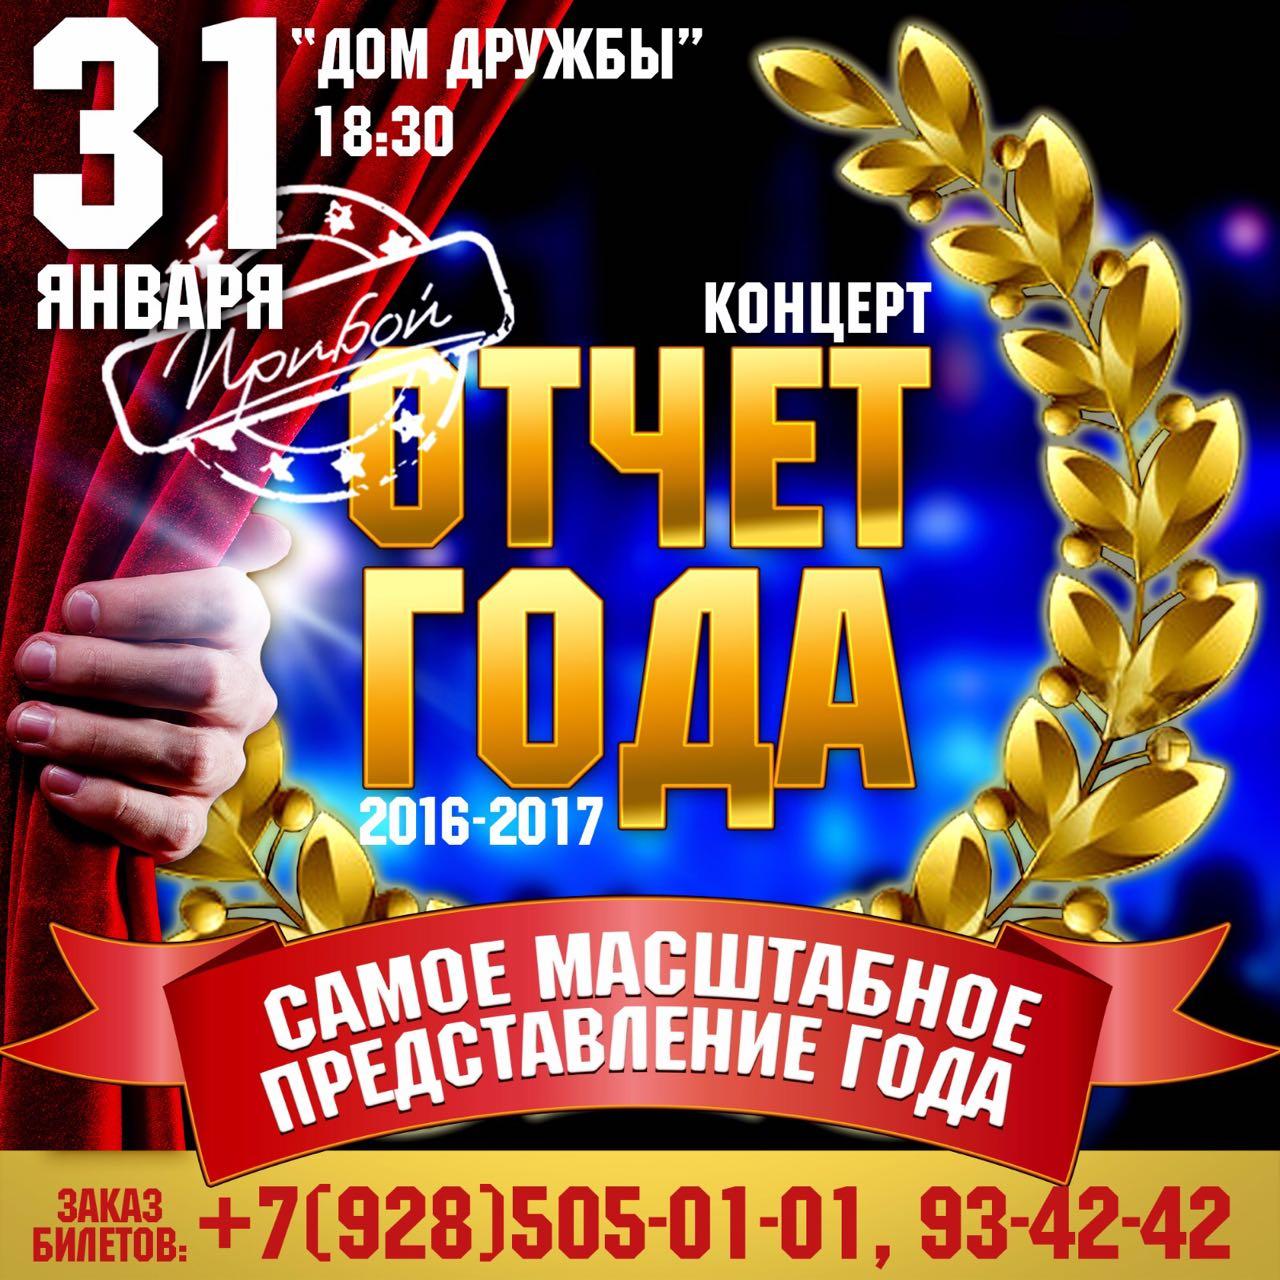 В Махачкале пройдет общенациональный фестиваль дагестанской песни